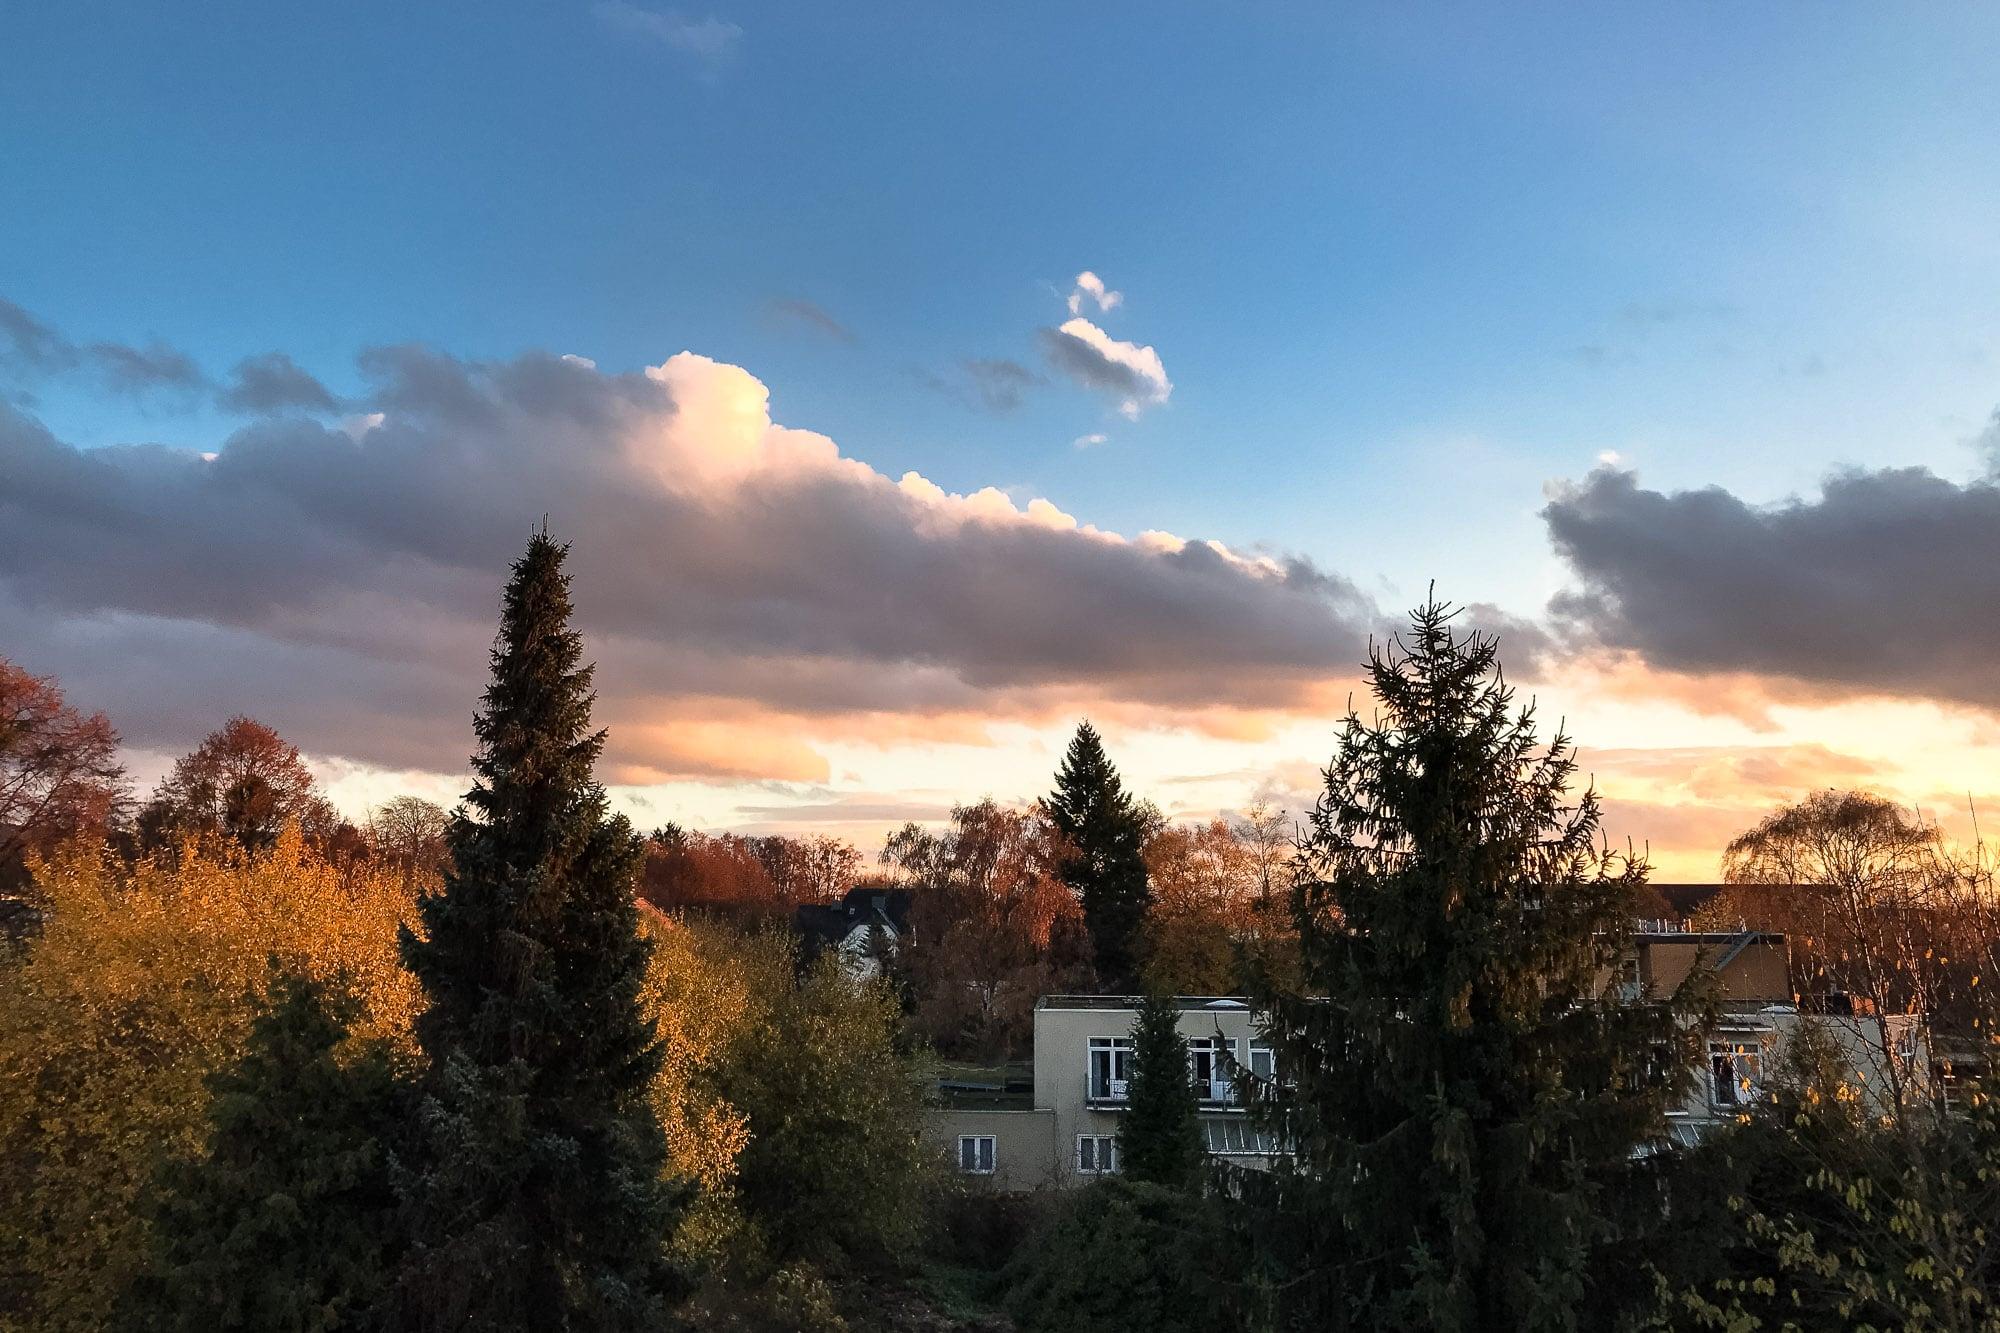 evening light over Bad Nenndorf